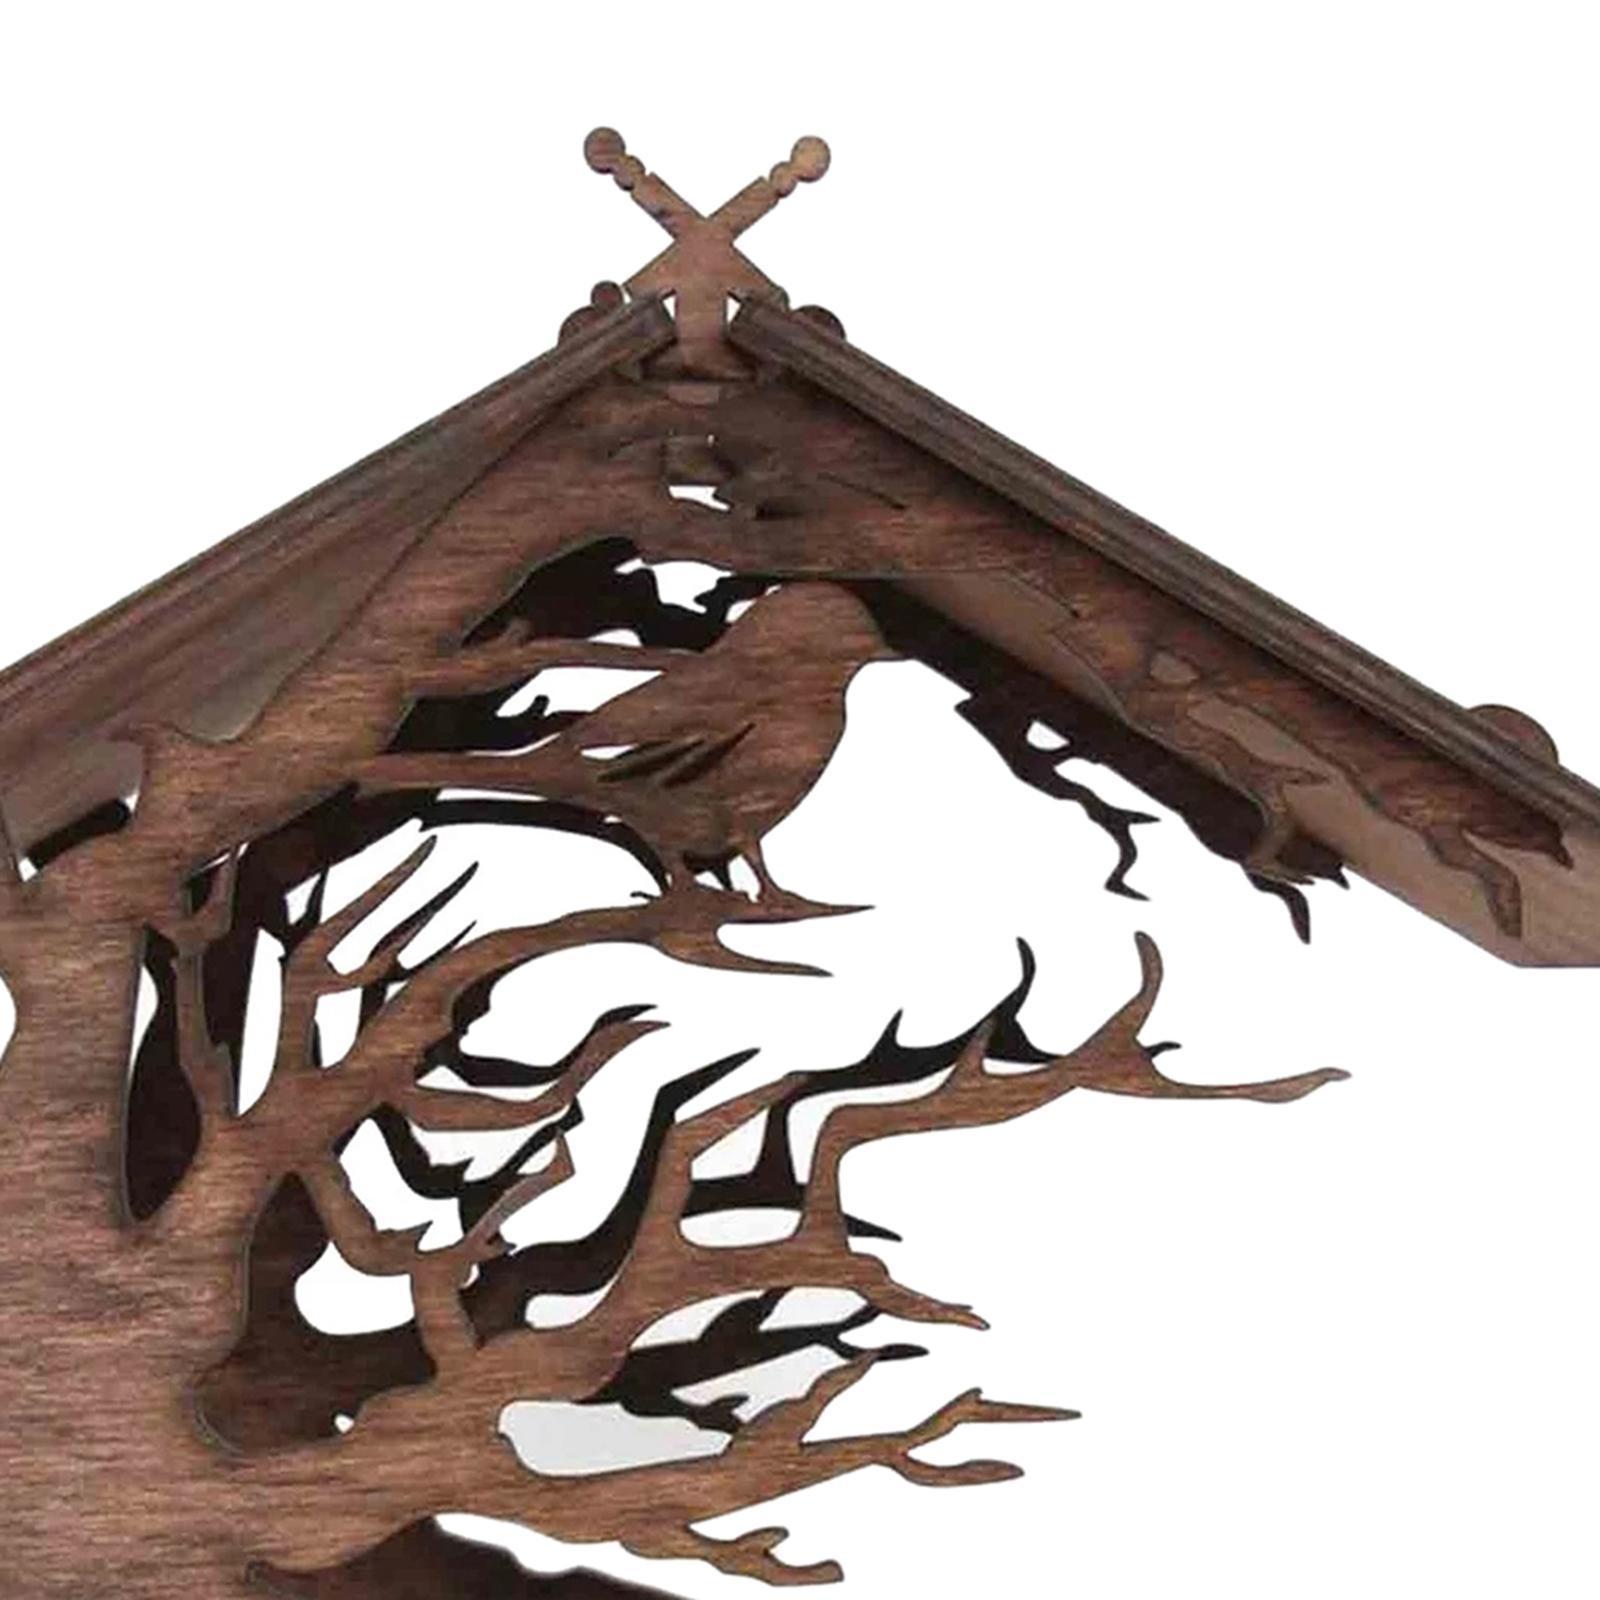 thumbnail 6 - Mangeoire à Oiseaux en bois Nichoir Décoration Extérieure Ornements